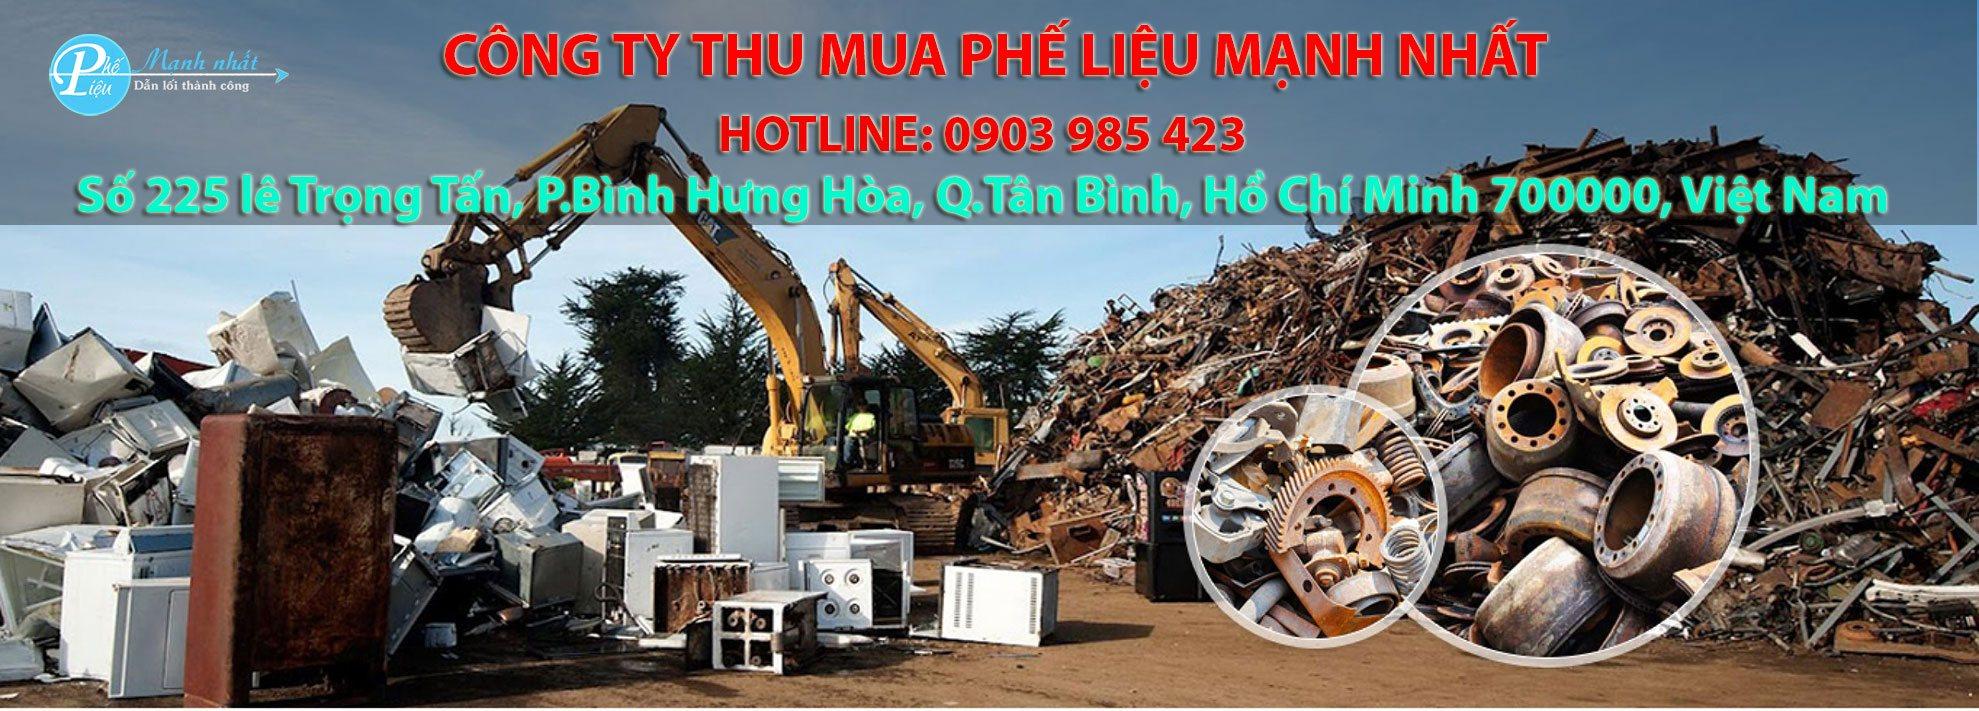 Công ty thu mua phế liệu tại tphcm giá cao Mạnh Nhất